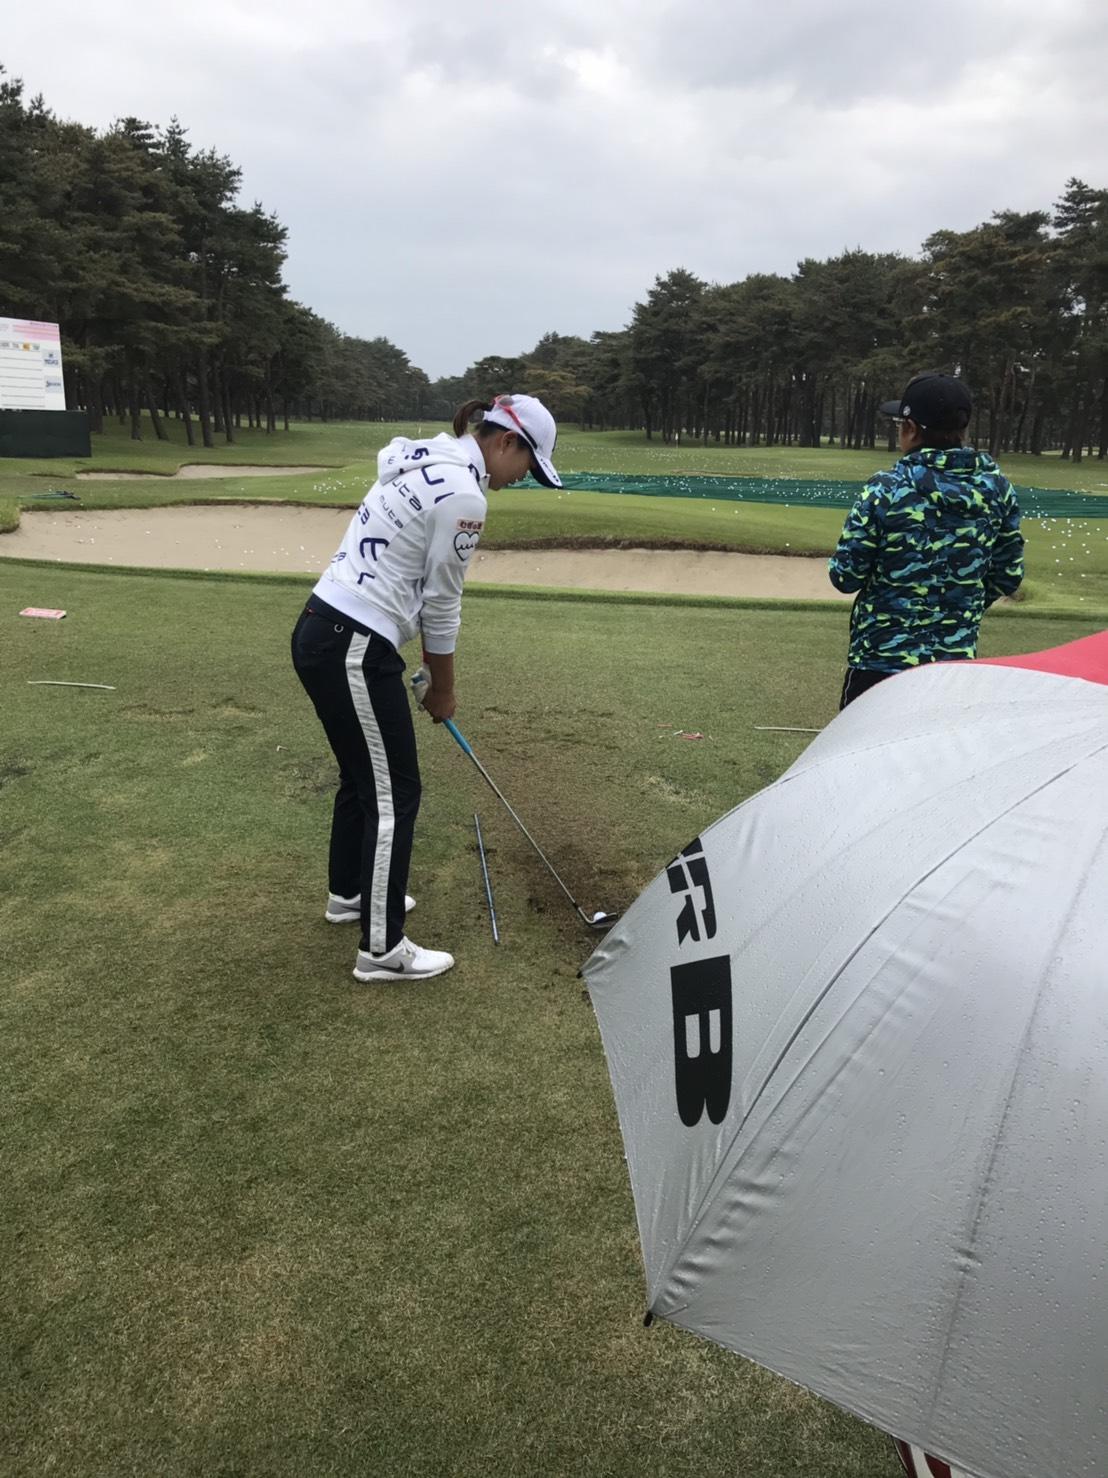 https://www.bs-golf.com/pro/IMG_3364.JPG